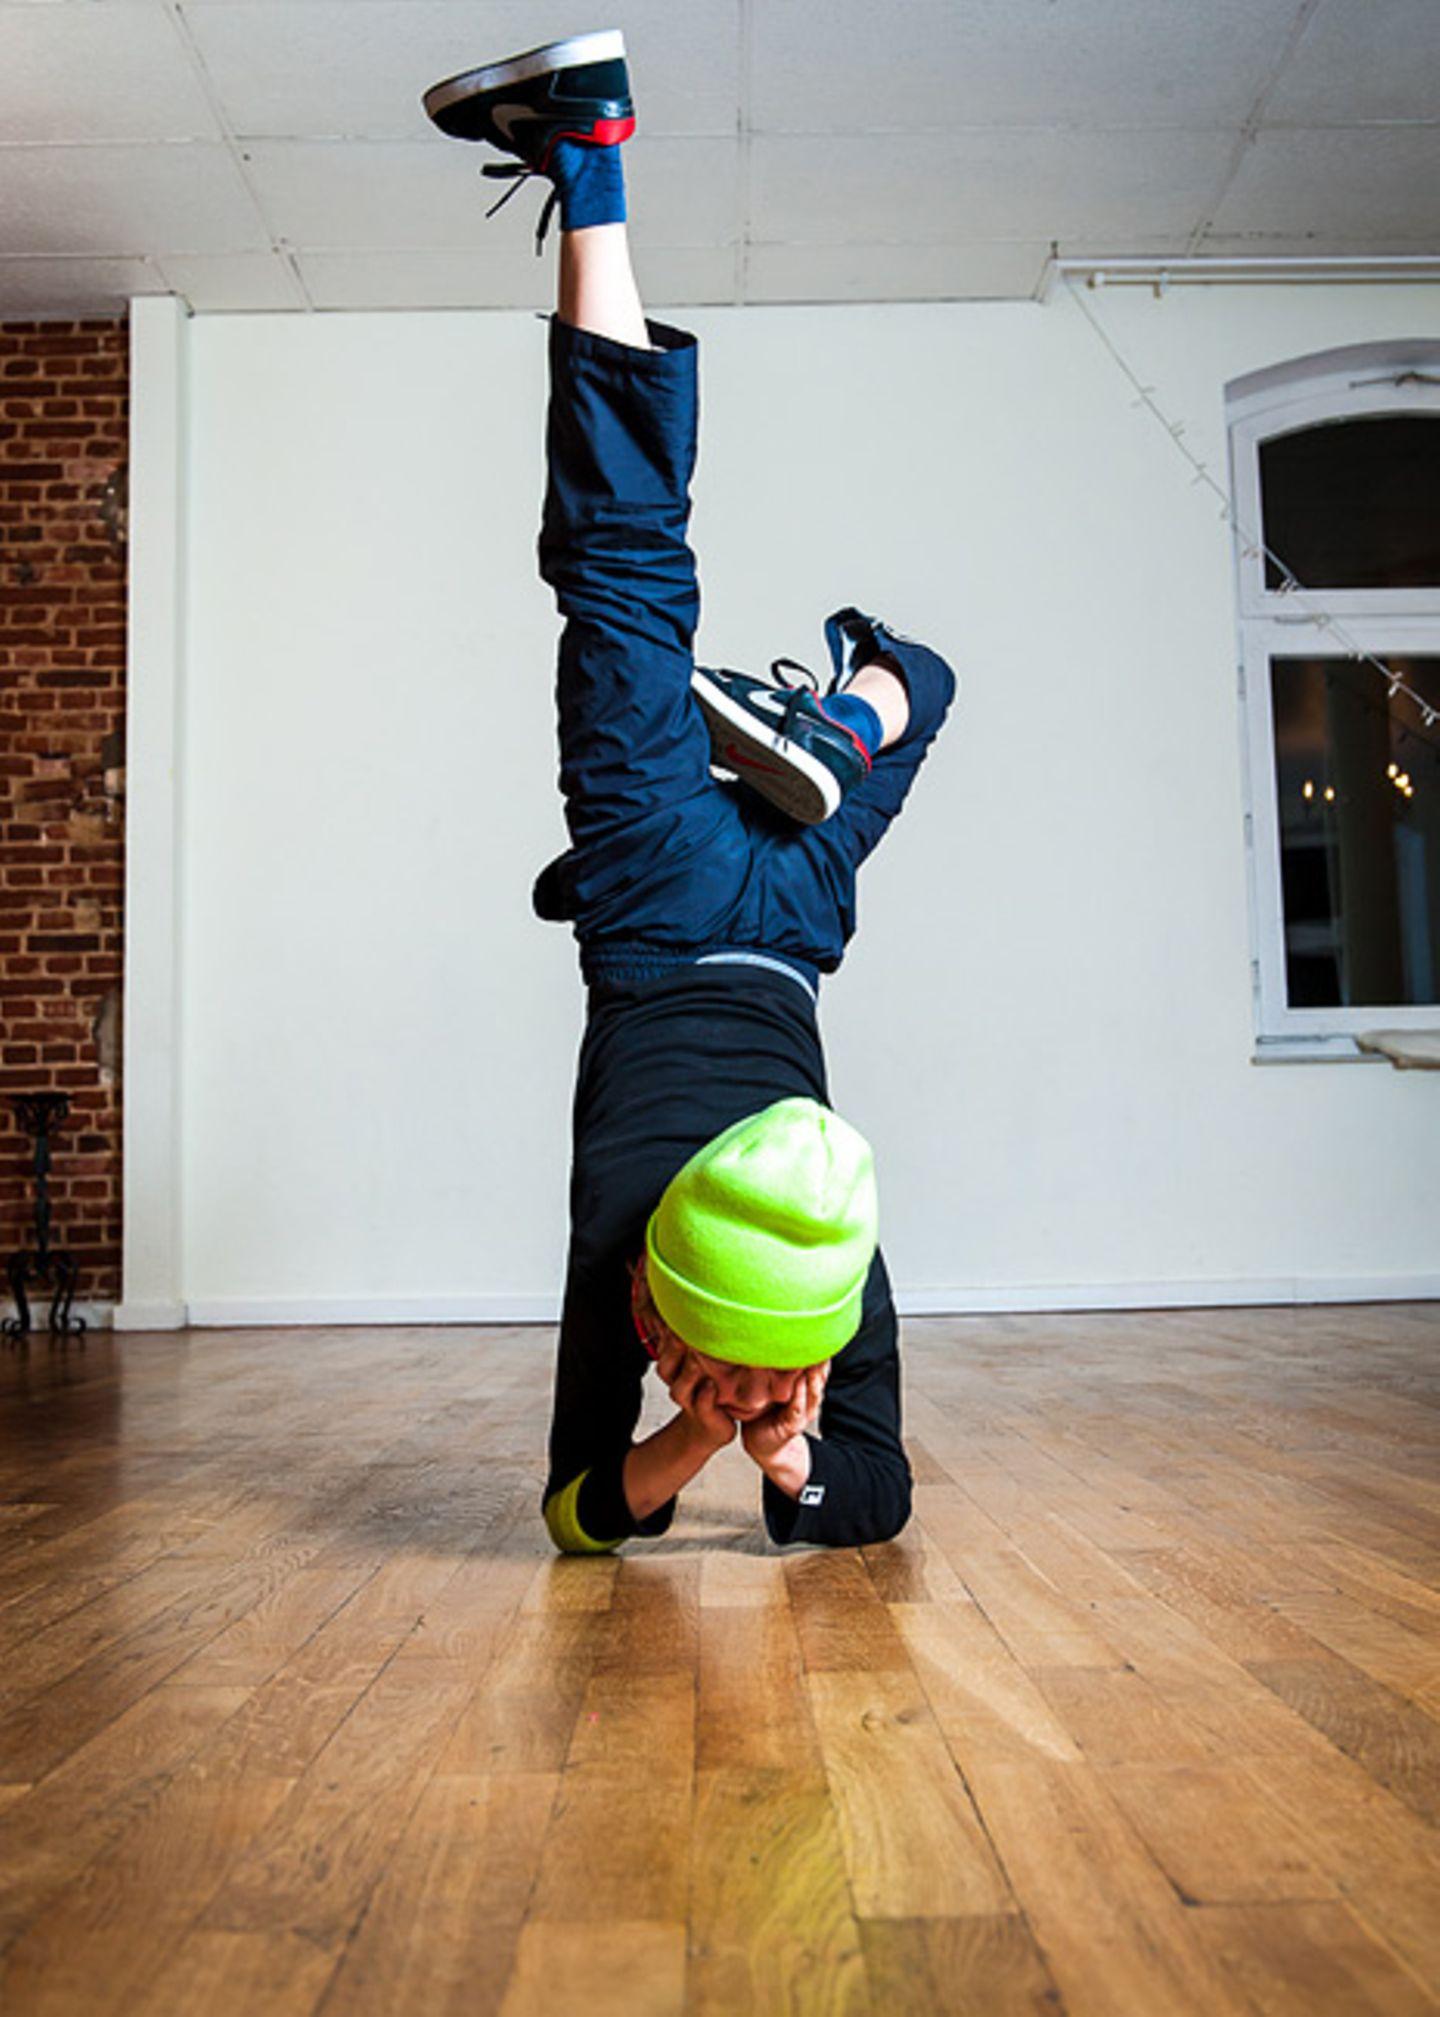 Video: Breakdance: Tanz ohne Regeln - Bild 6